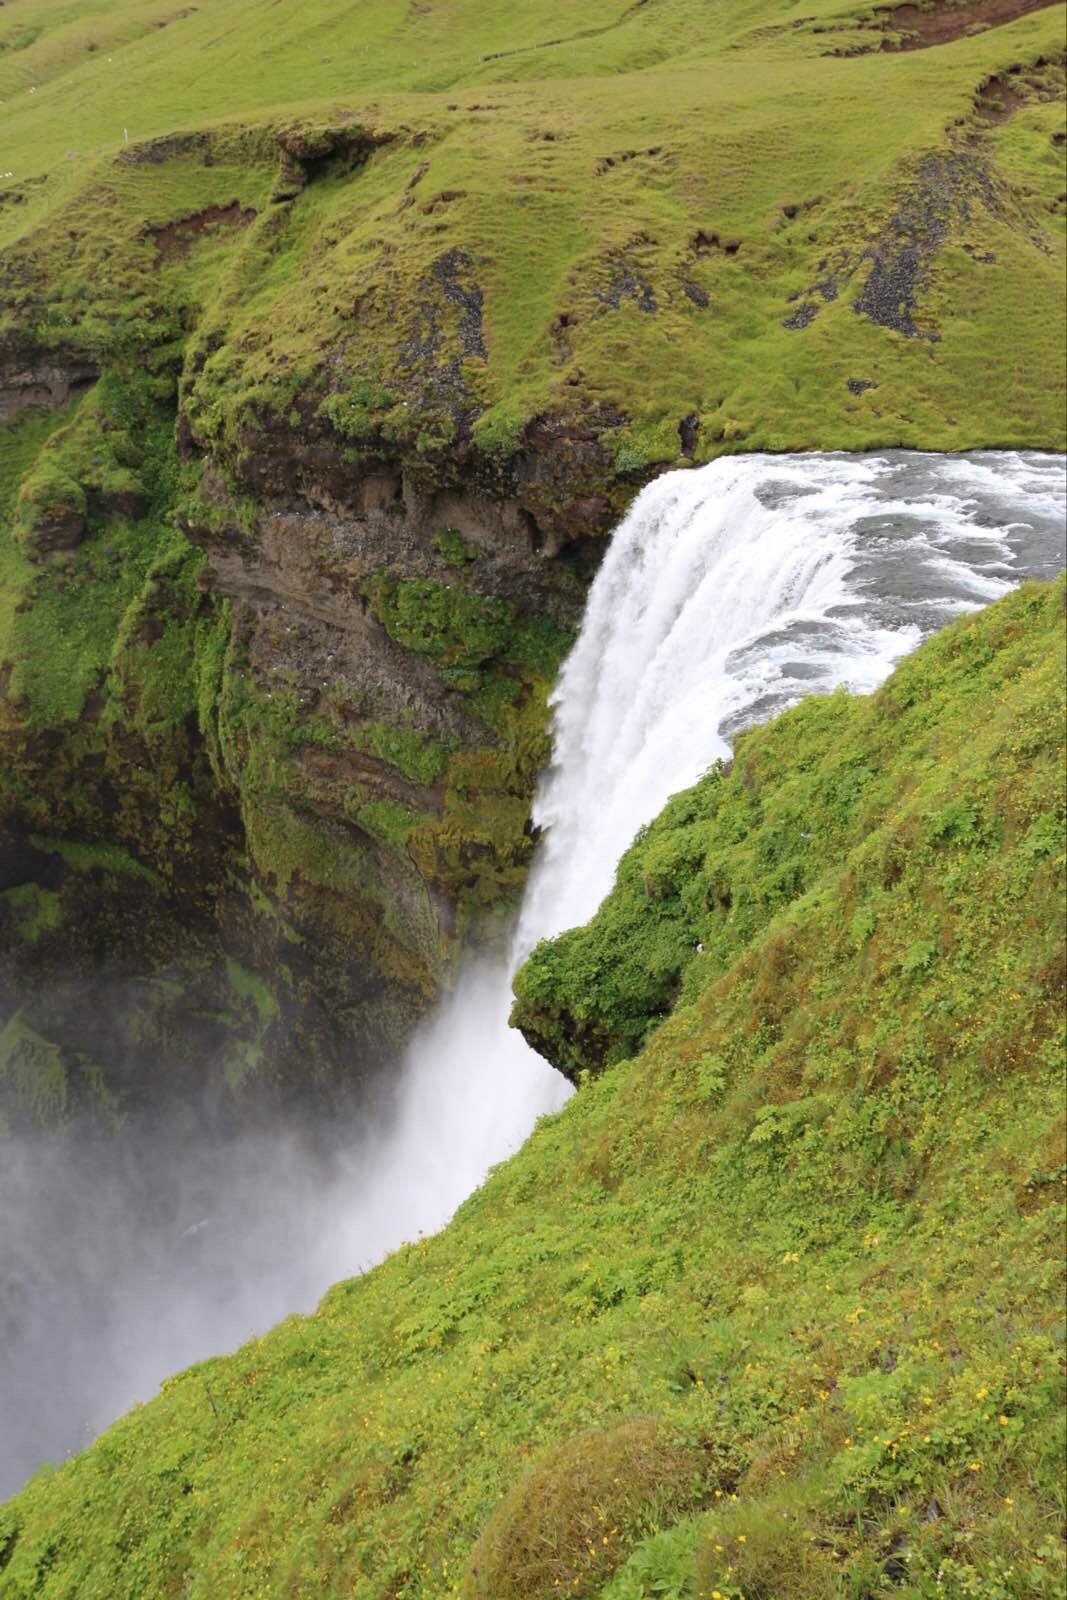 森林瀑布是冰岛最大的瀑布之一